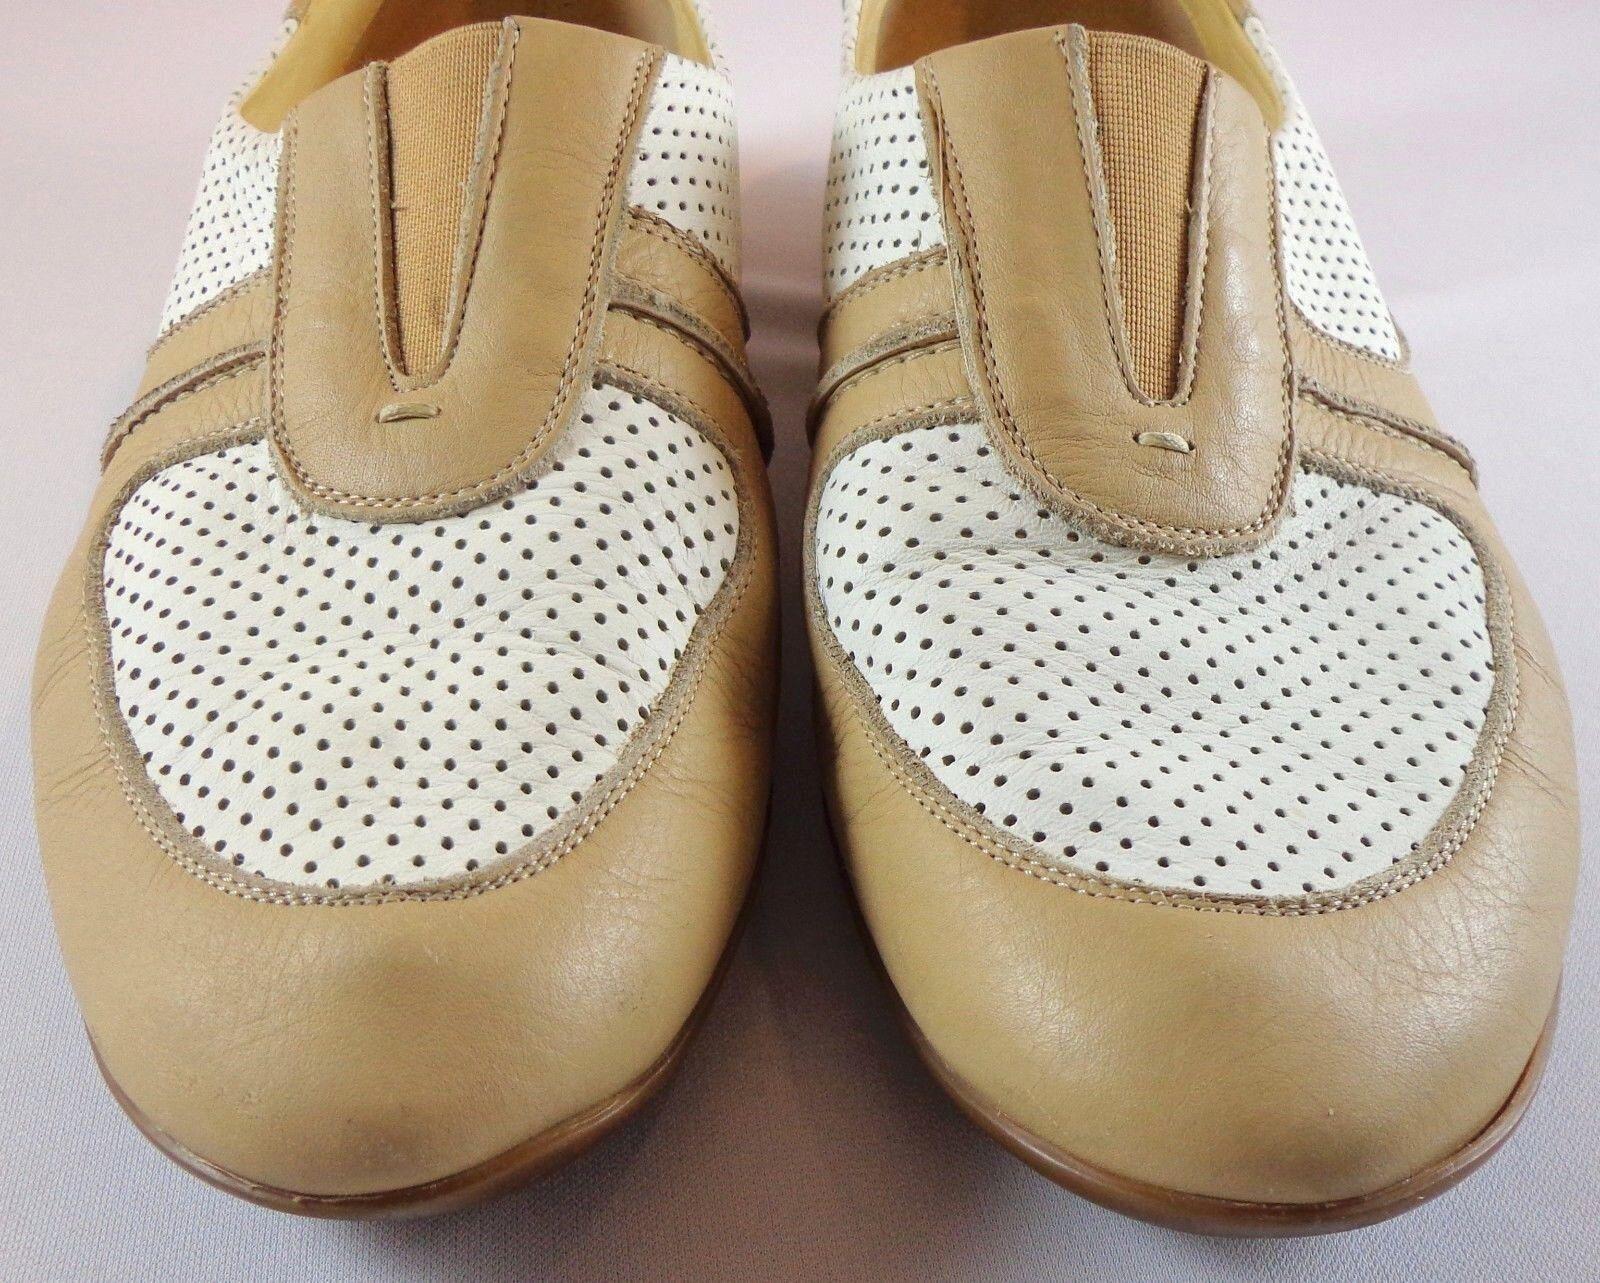 Zapatos de Cuero Sesto Meucci para Mujer Mujer Mujer blancoo Mocasines Talla 9.5 M bronceado 2d7123